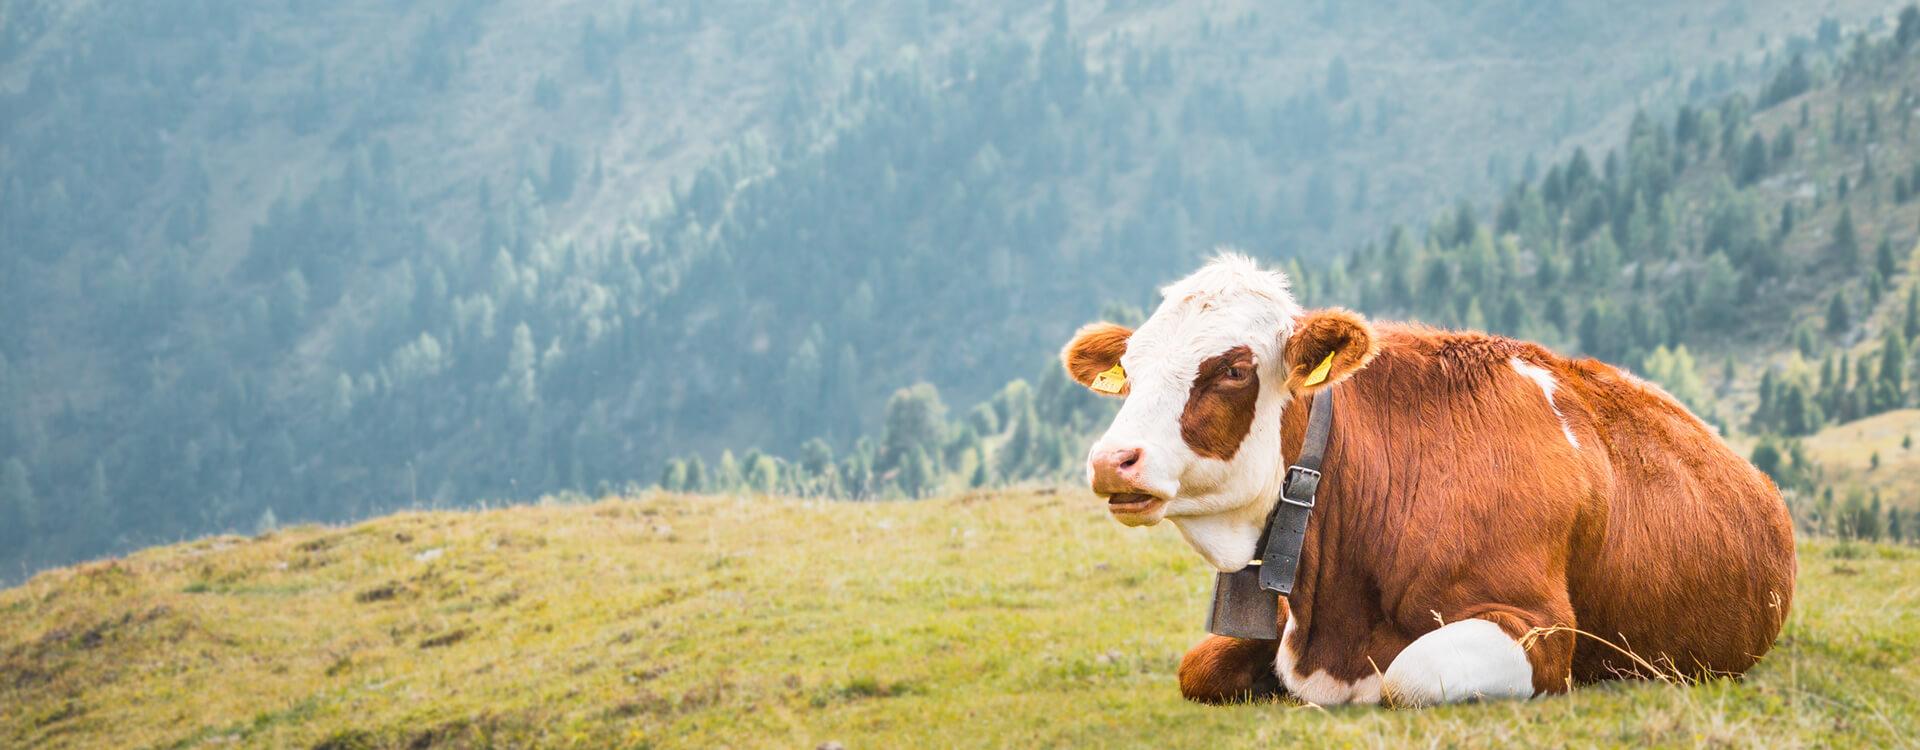 Kmetijstvo in zdrave živali